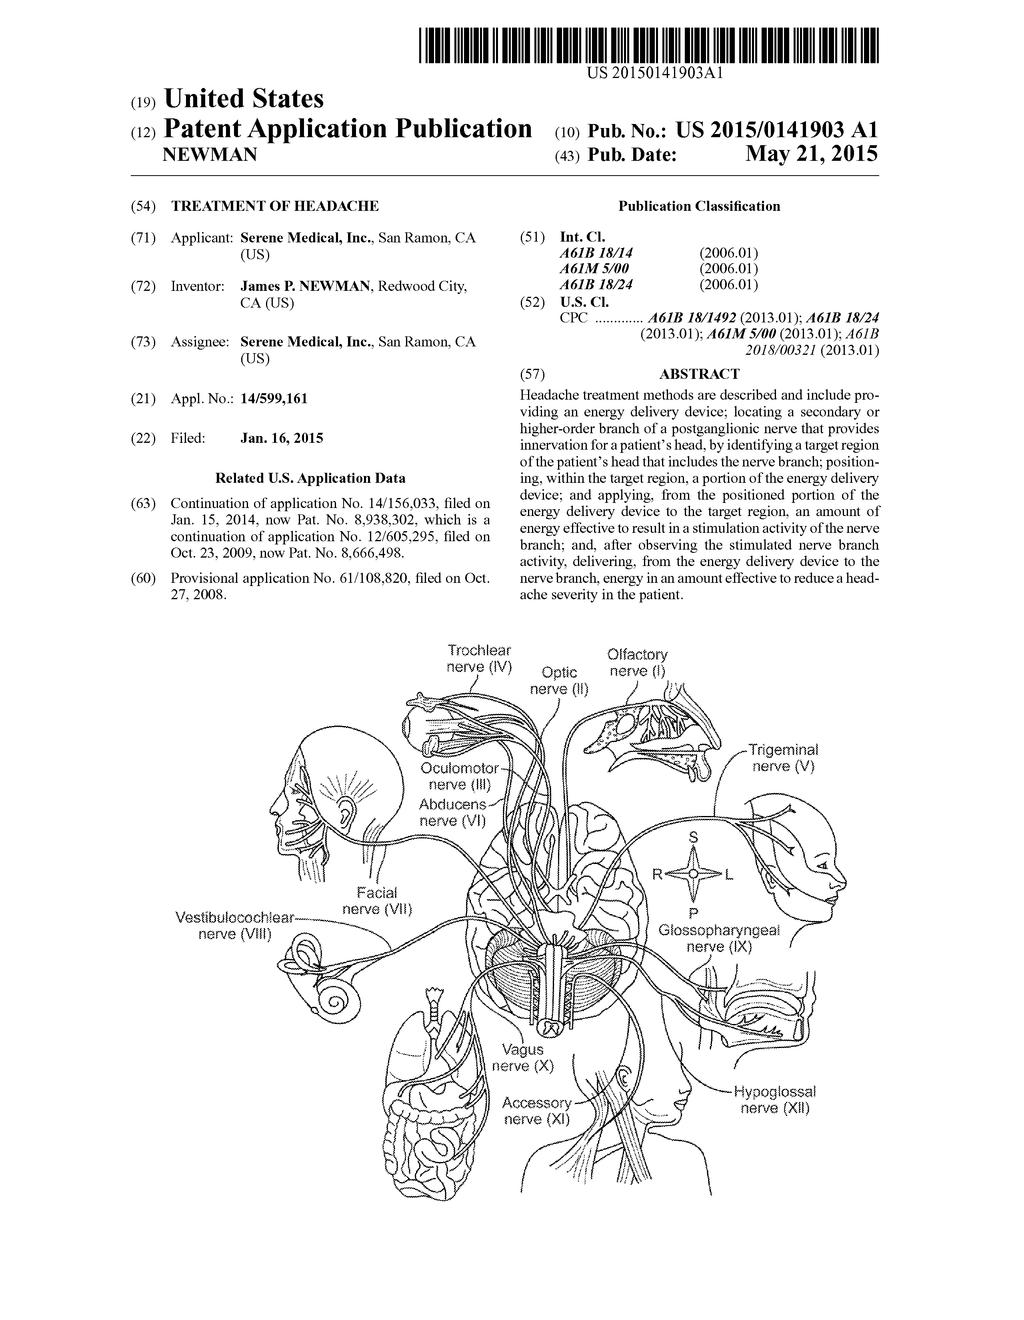 treatment of headache diagram